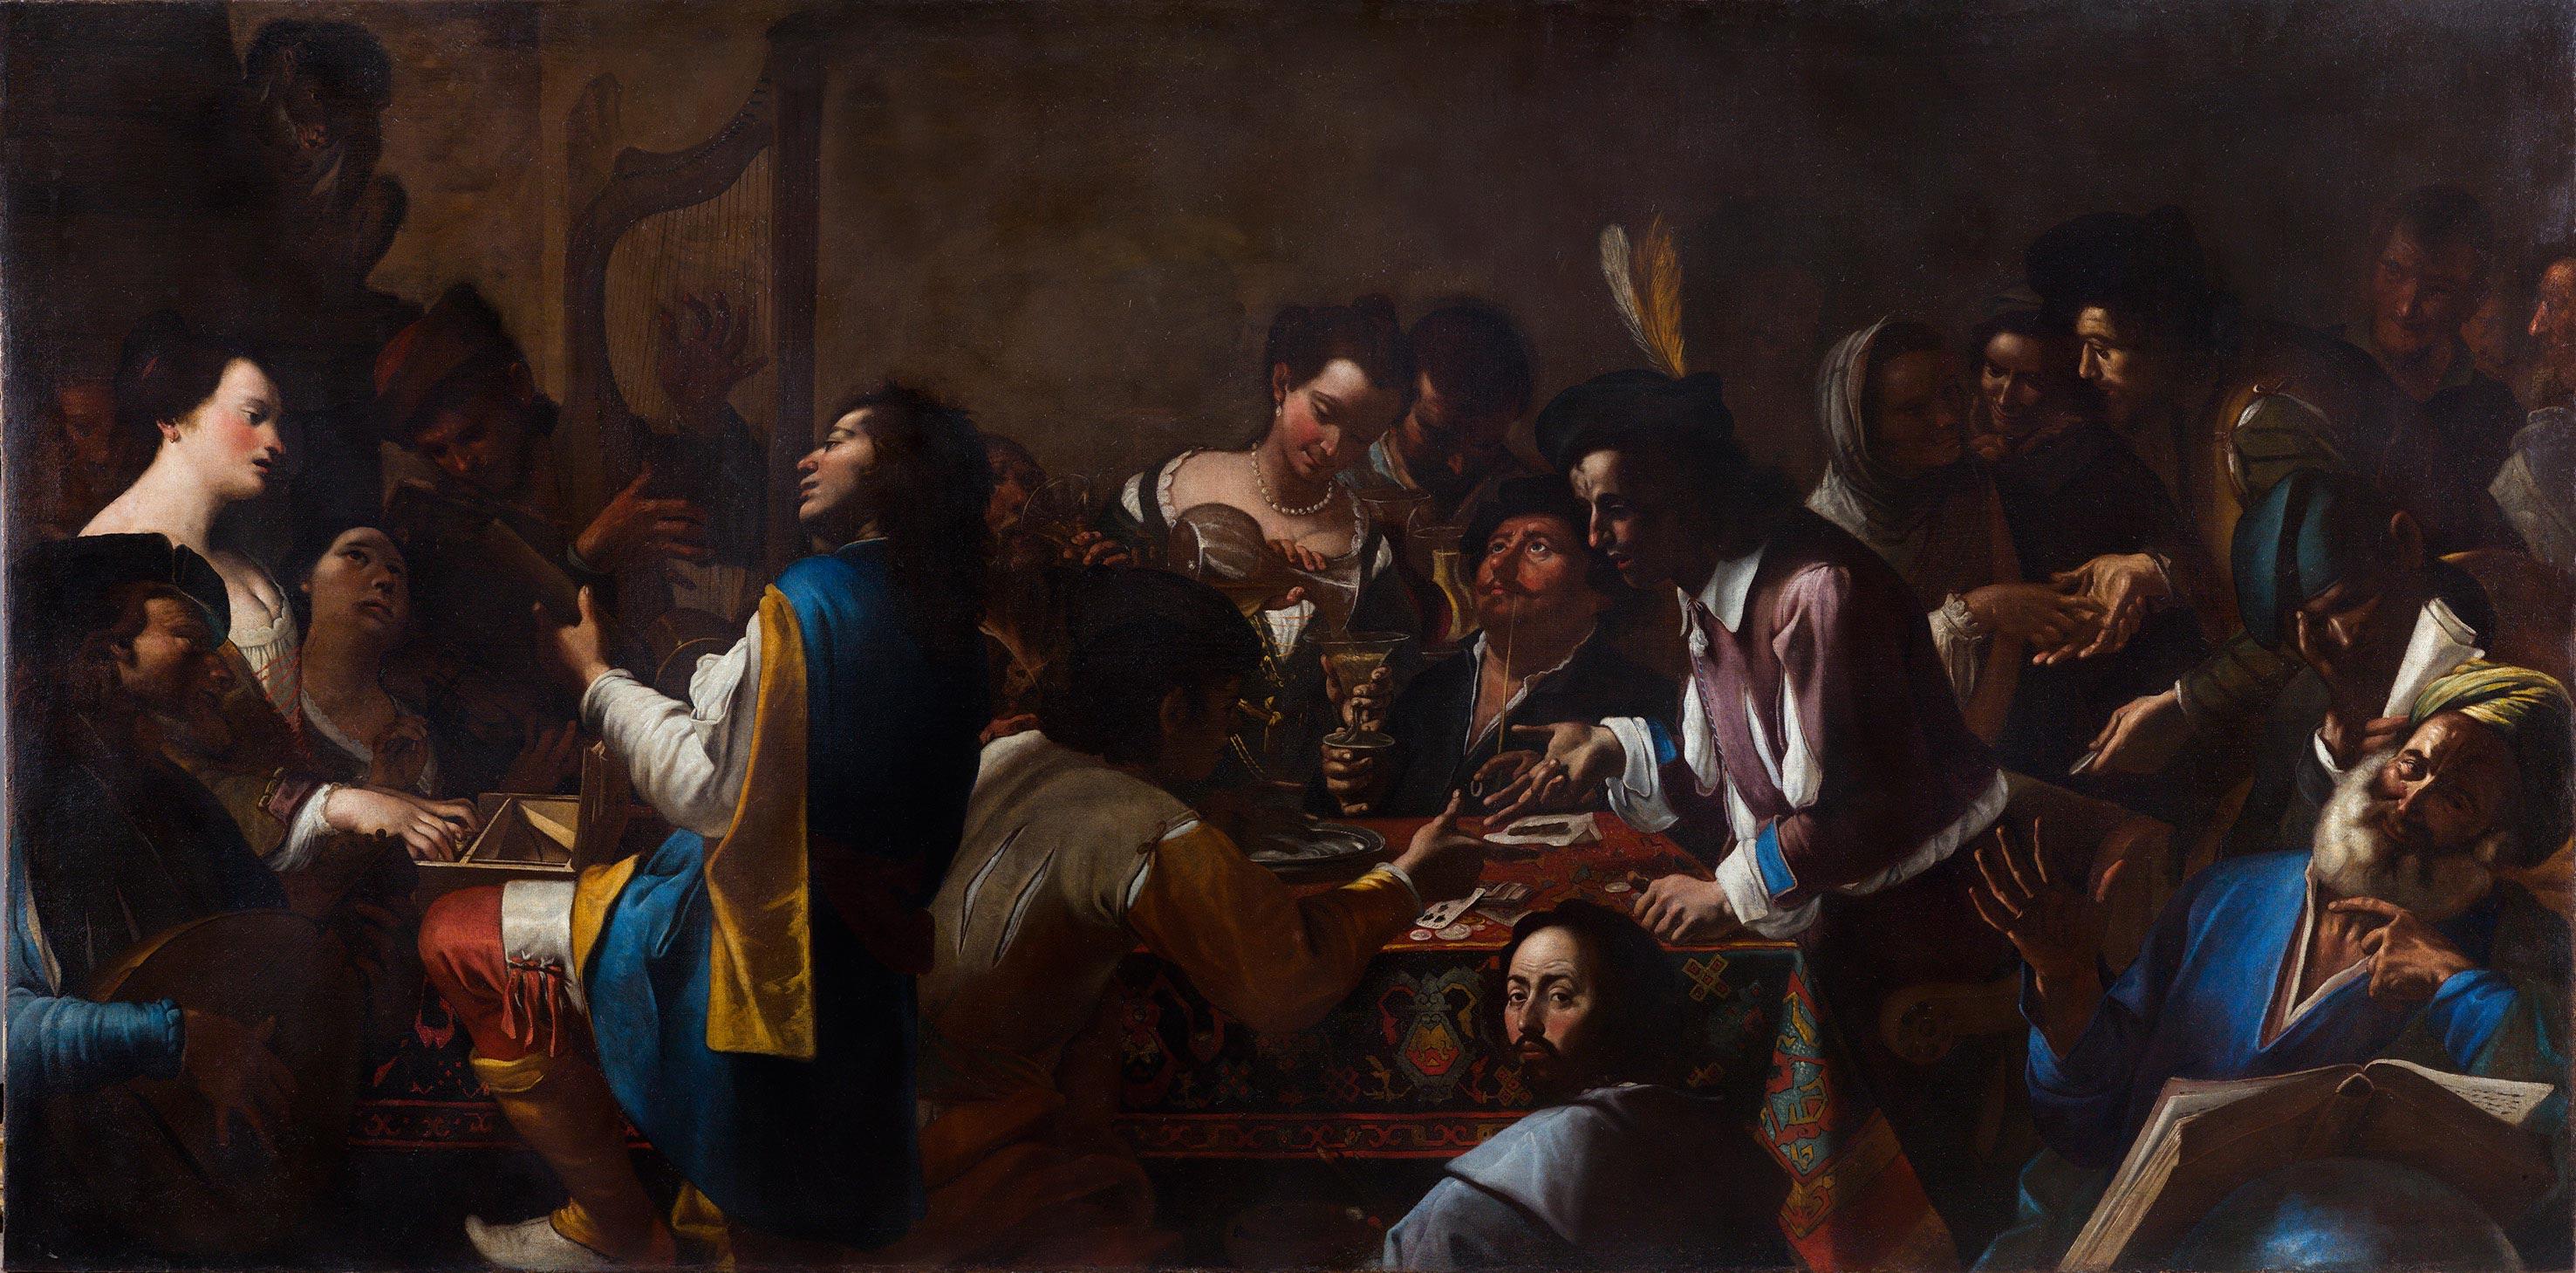 Gregorio e Mattia Preti, Allegoria dei cinque sensi (1642-1646 circa; olio su tela, 174,5 x 363 cm; Roma, Gallerie Nazionali di Arte Antica, Palazzo Barberini)